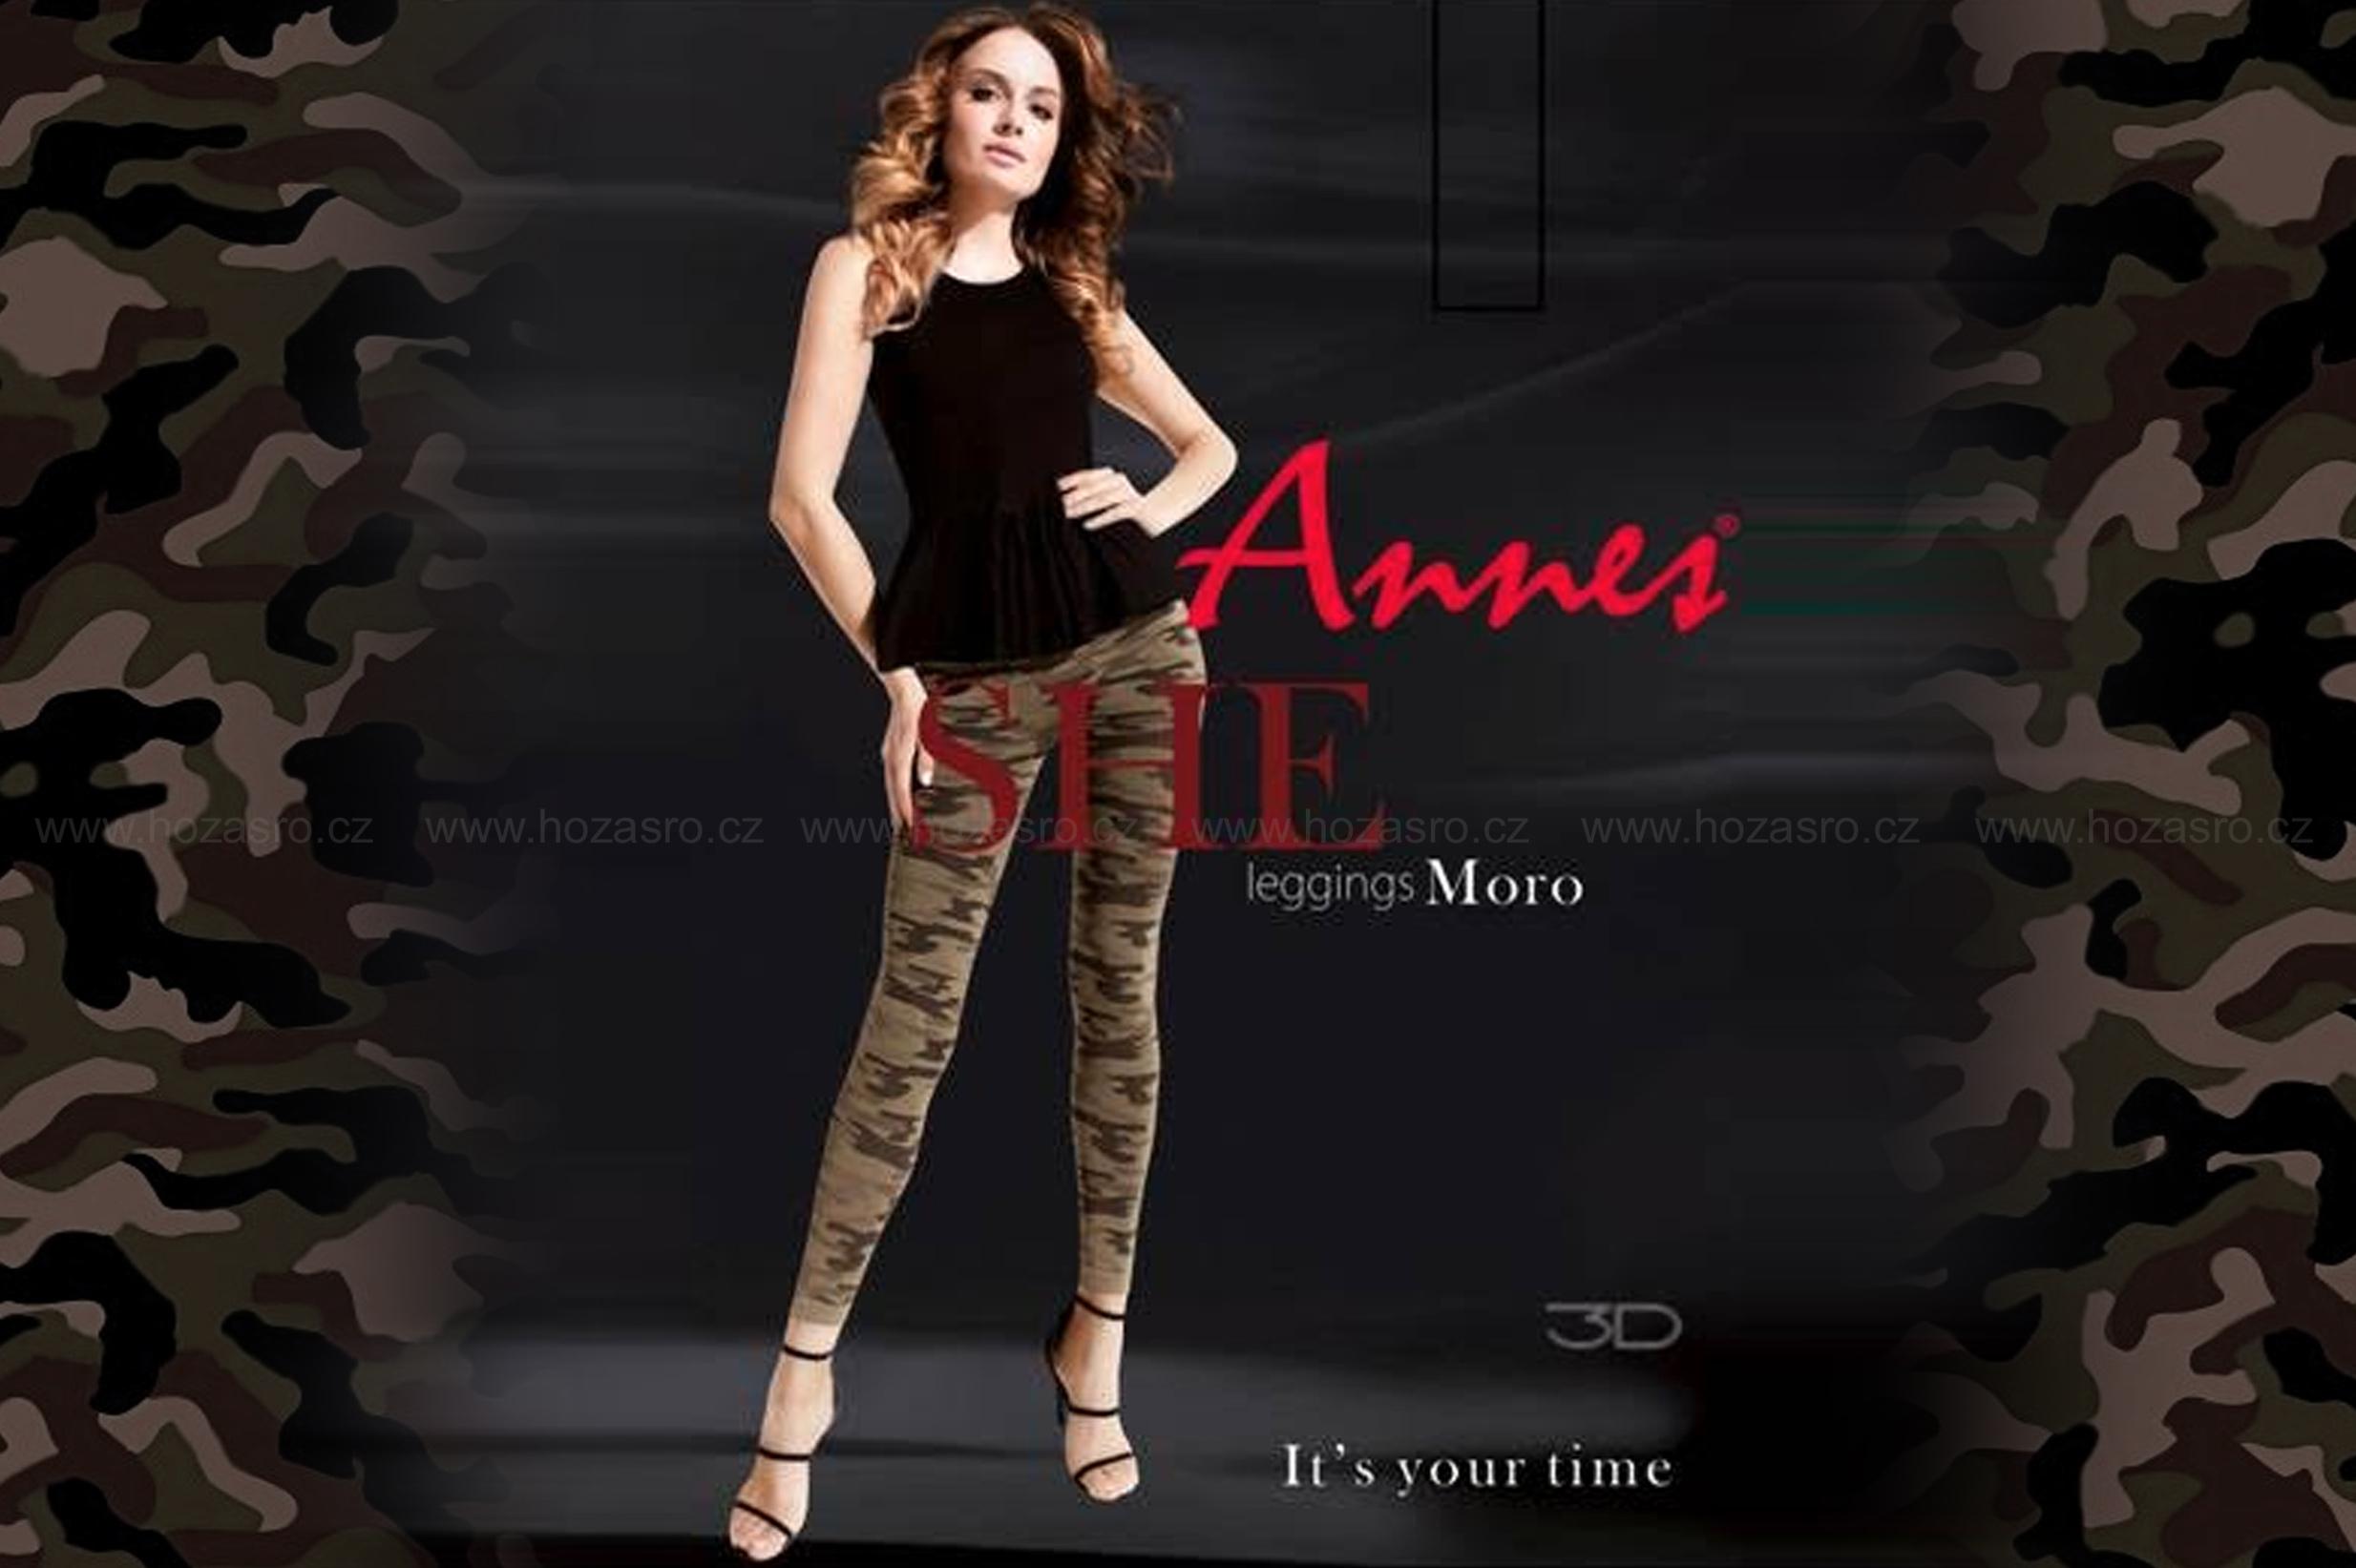 Legíny Annes Moro - ARMY styl - novinka jaro 2017 - Annes-04